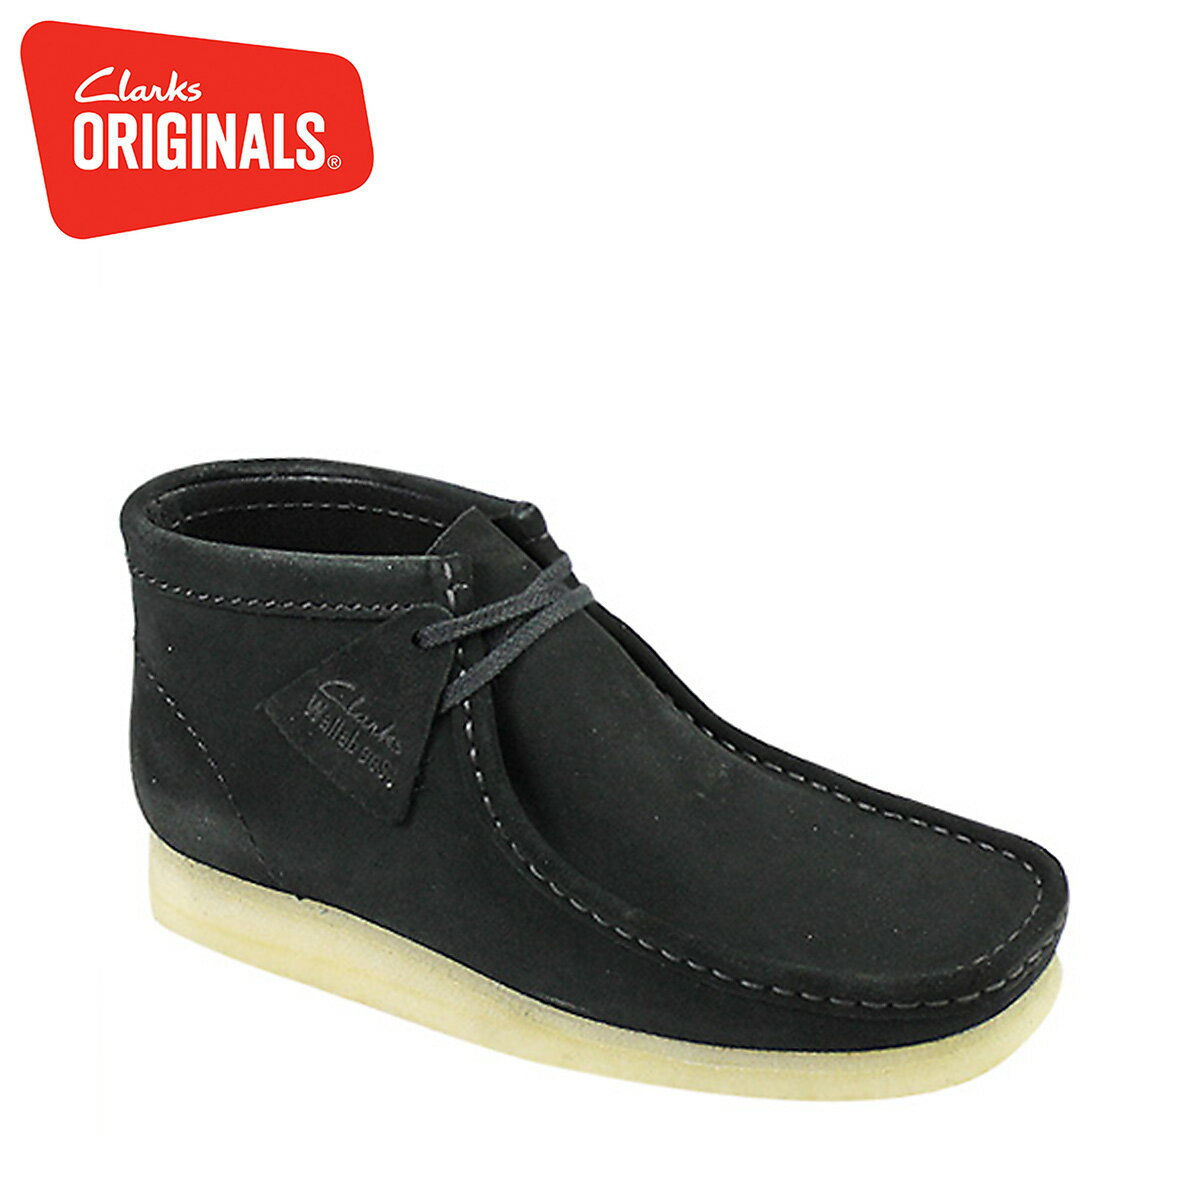 Clarks ORIGINALS クラークス オリジナルズ ワラビー ブーツ  WALLABEE BOOT Mワイズ  26103669 メンズ [11/4 追加入荷]